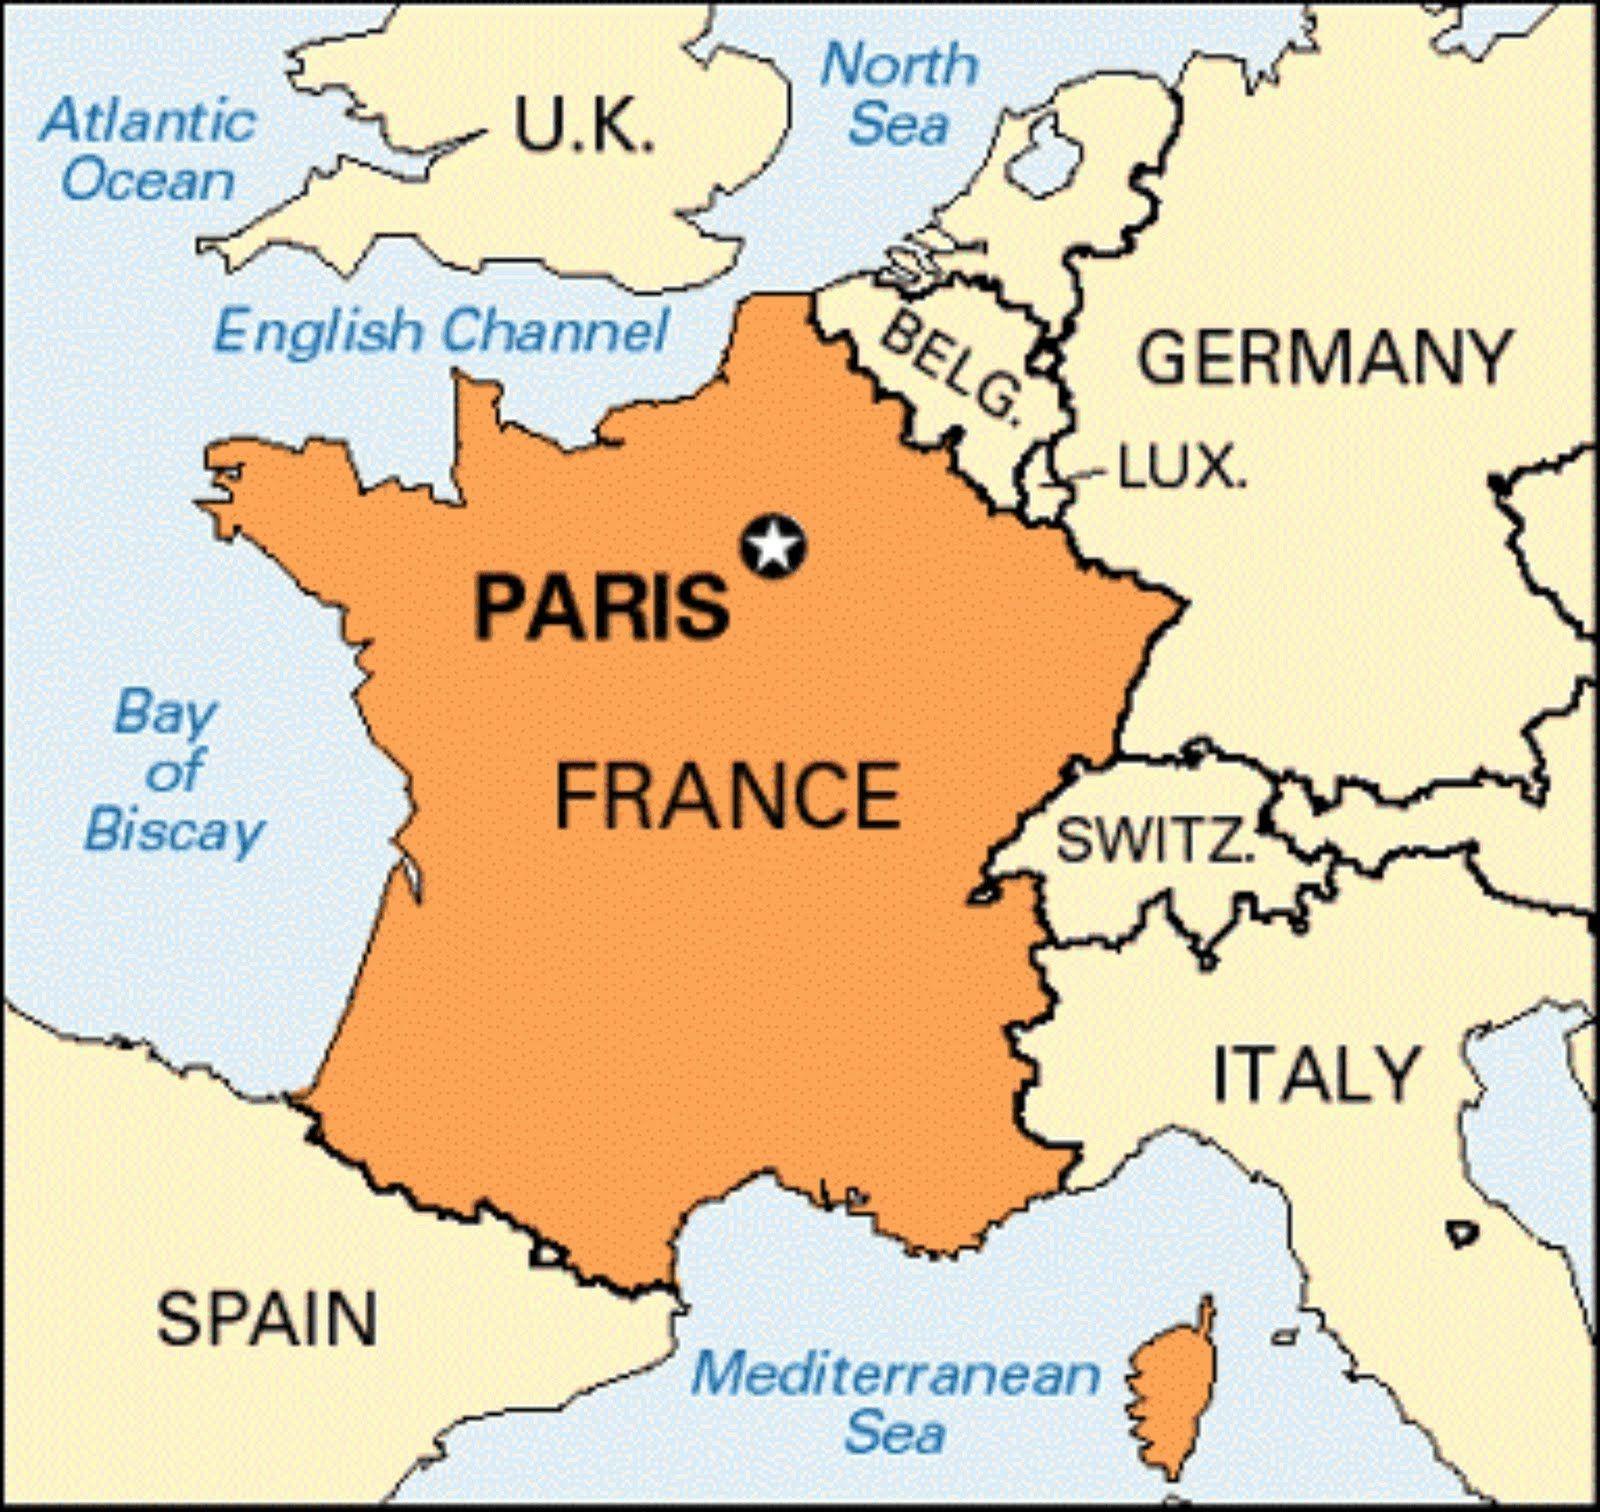 Paris France Paris France Bordeaux France Nice France France Map